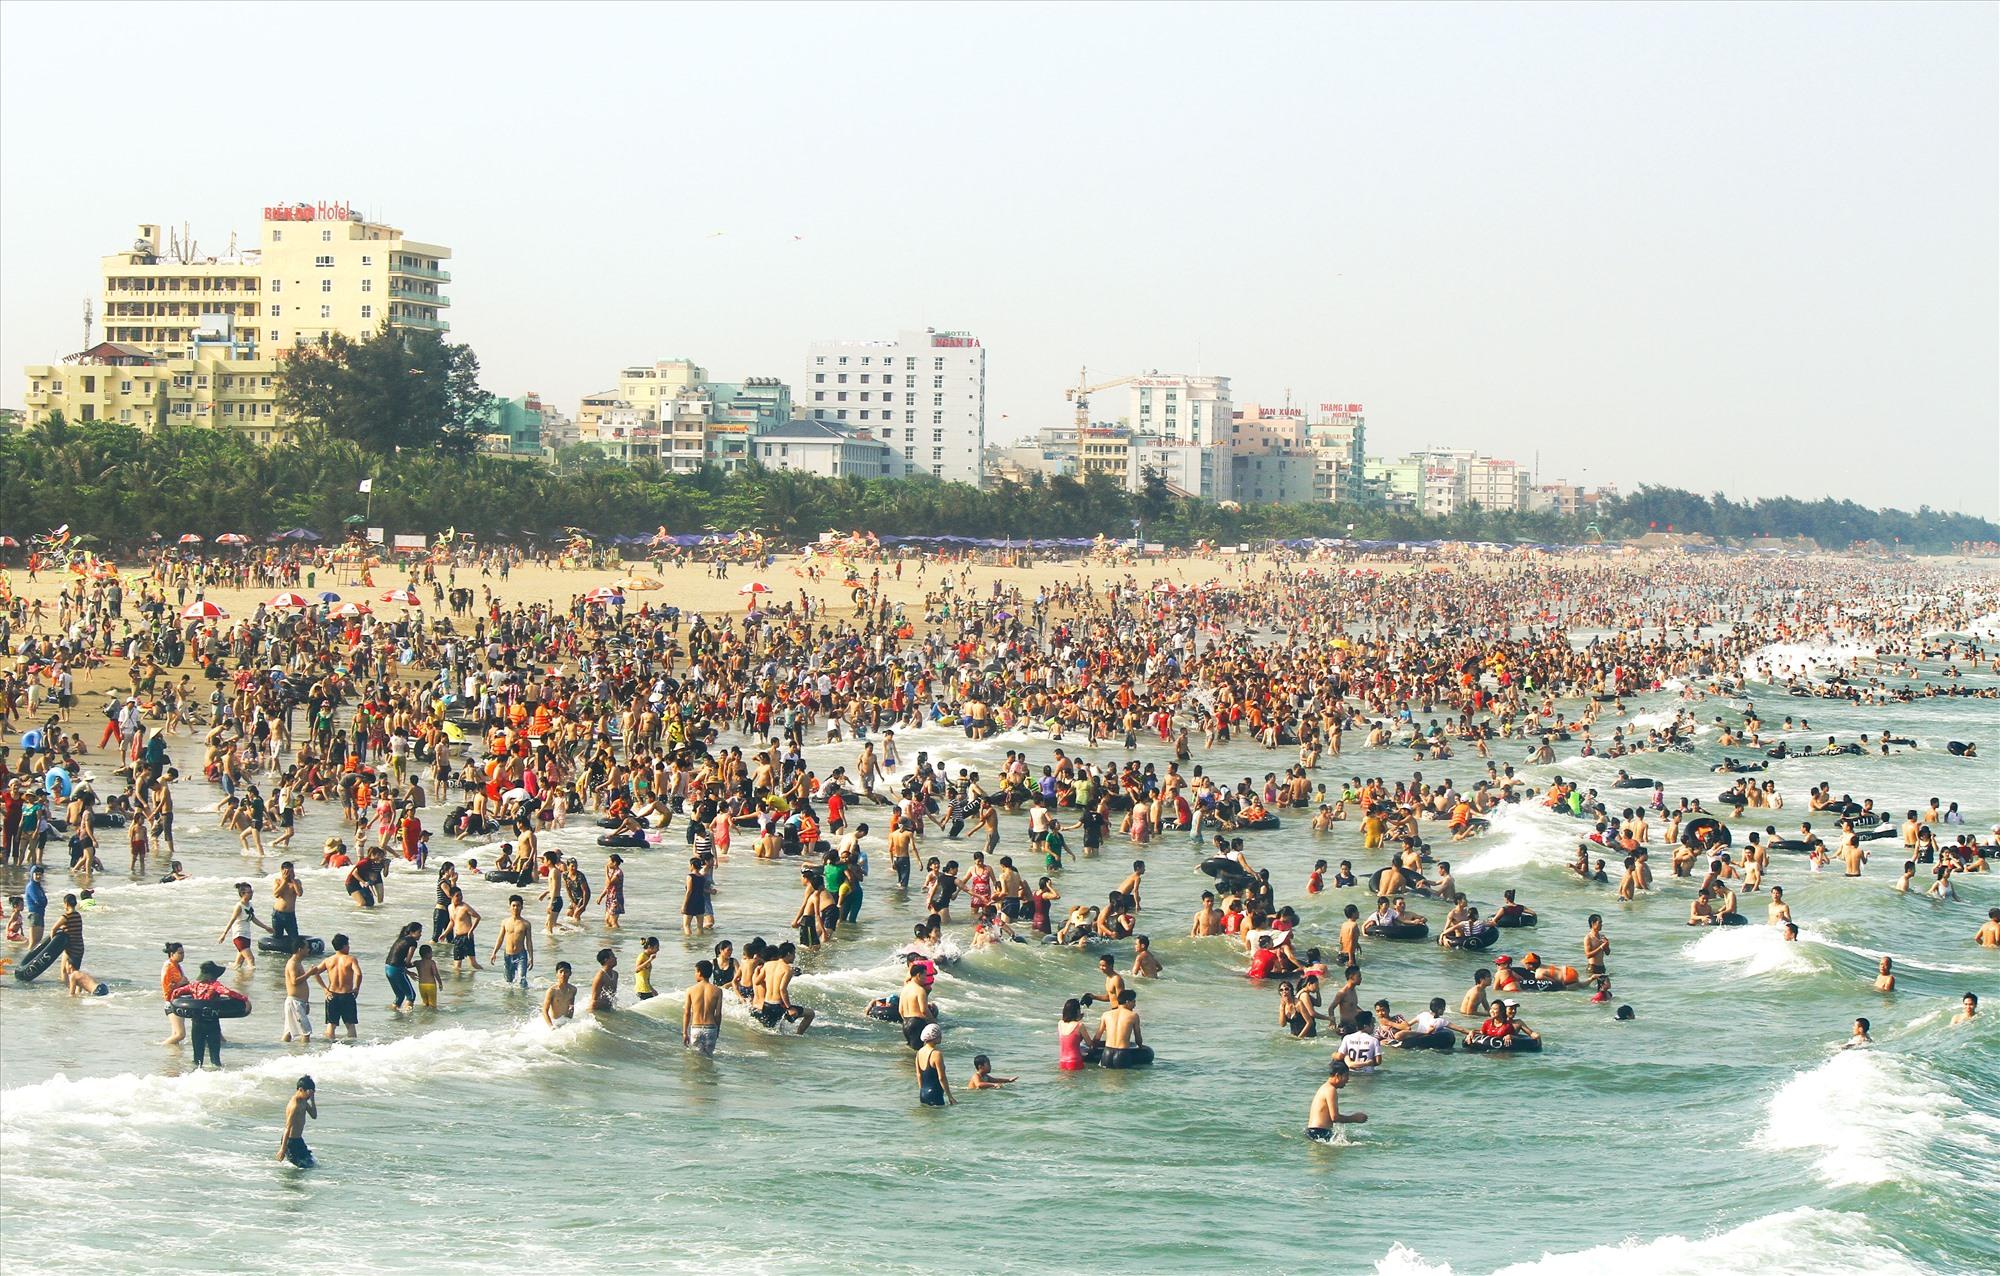 Bãi biển Sầm Sơn với triền cát bằng, an toàn cho du khách.